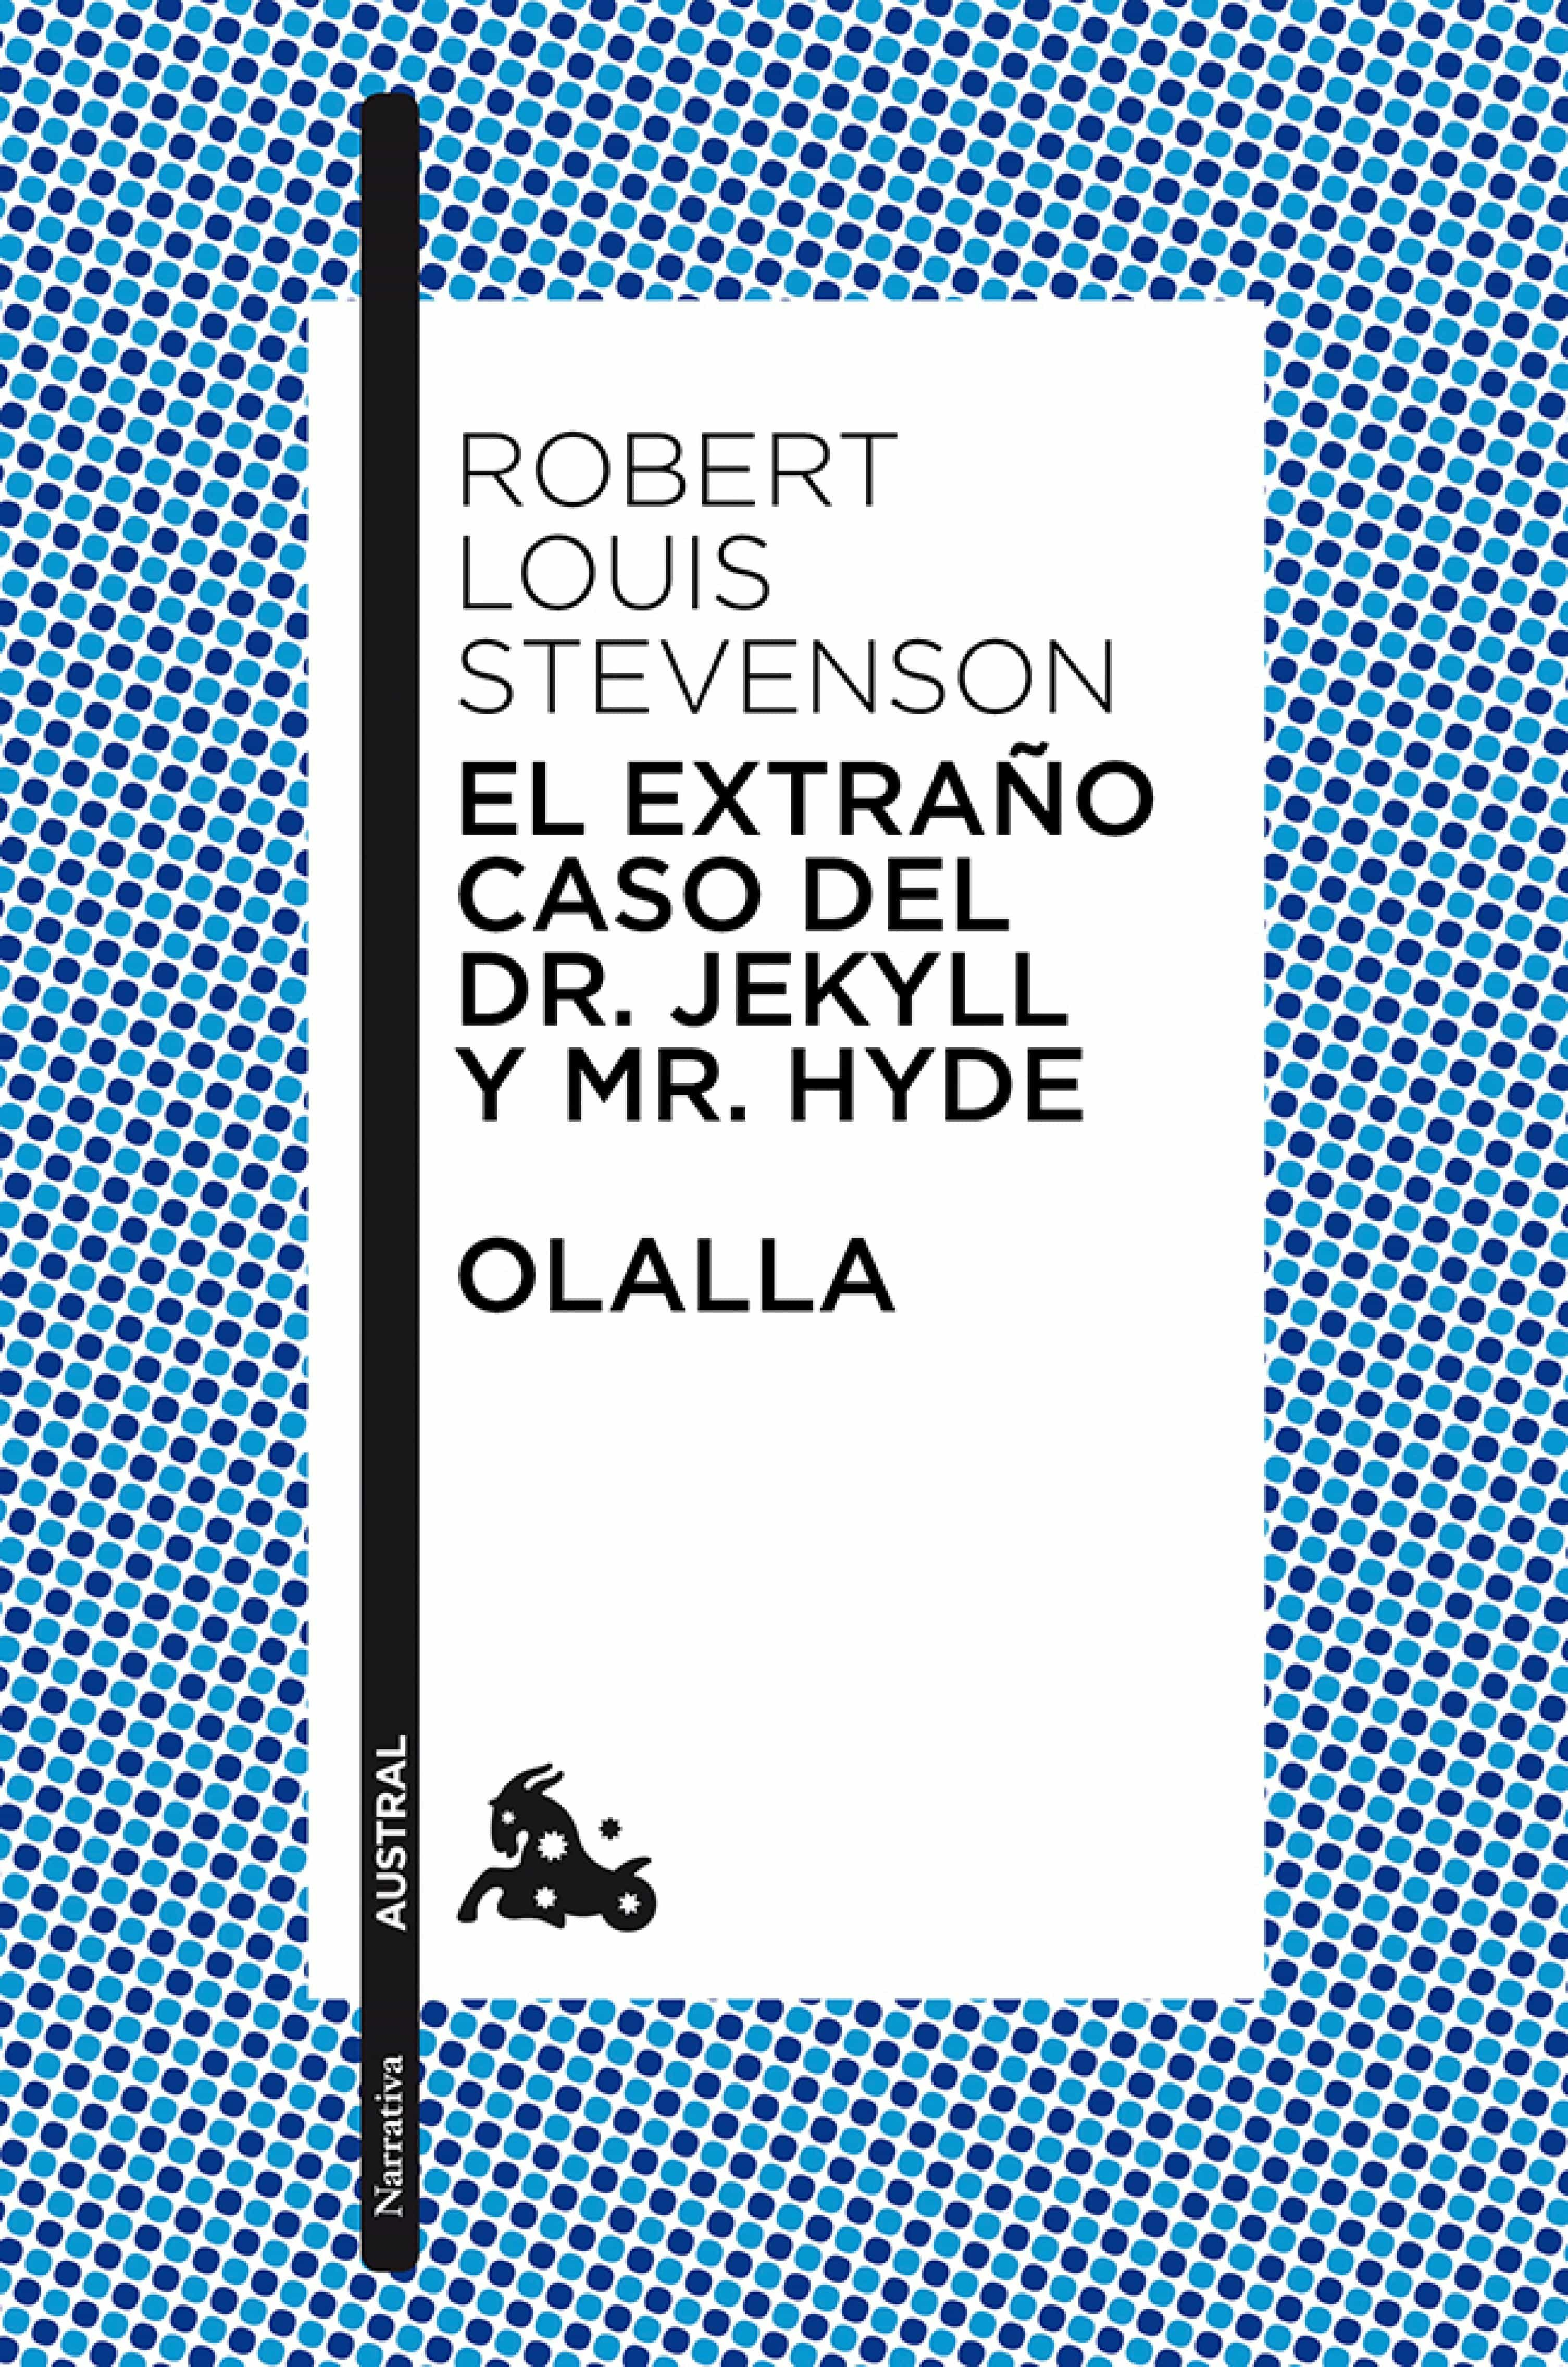 El Extraño Caso Del Dr. Jekyll Y Mr. Hyde / Olalla   por Robert Louis Stevenson